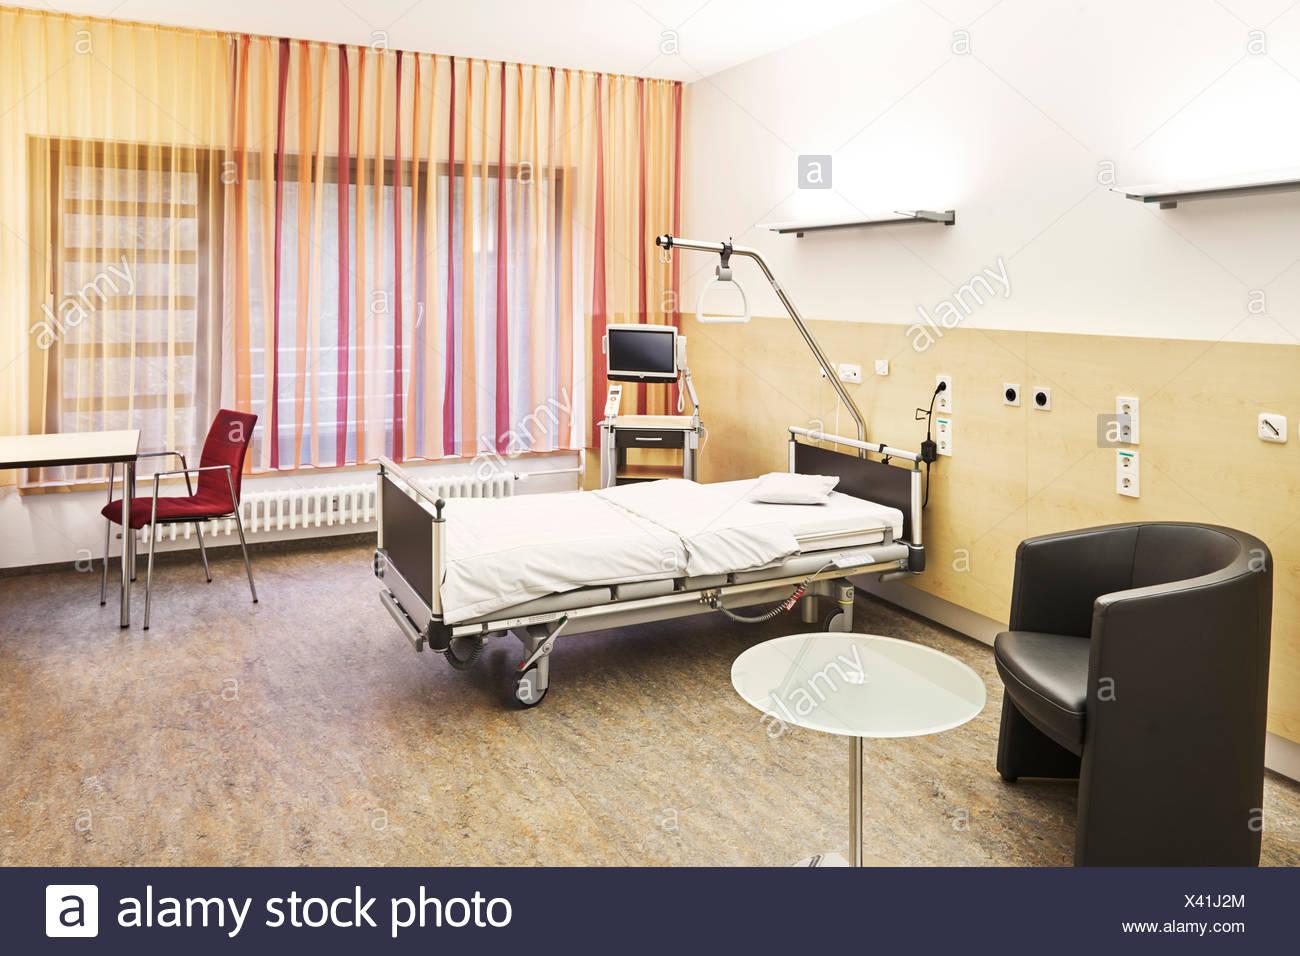 Krankenbett stock photos krankenbett stock images alamy for Leeres zimmer